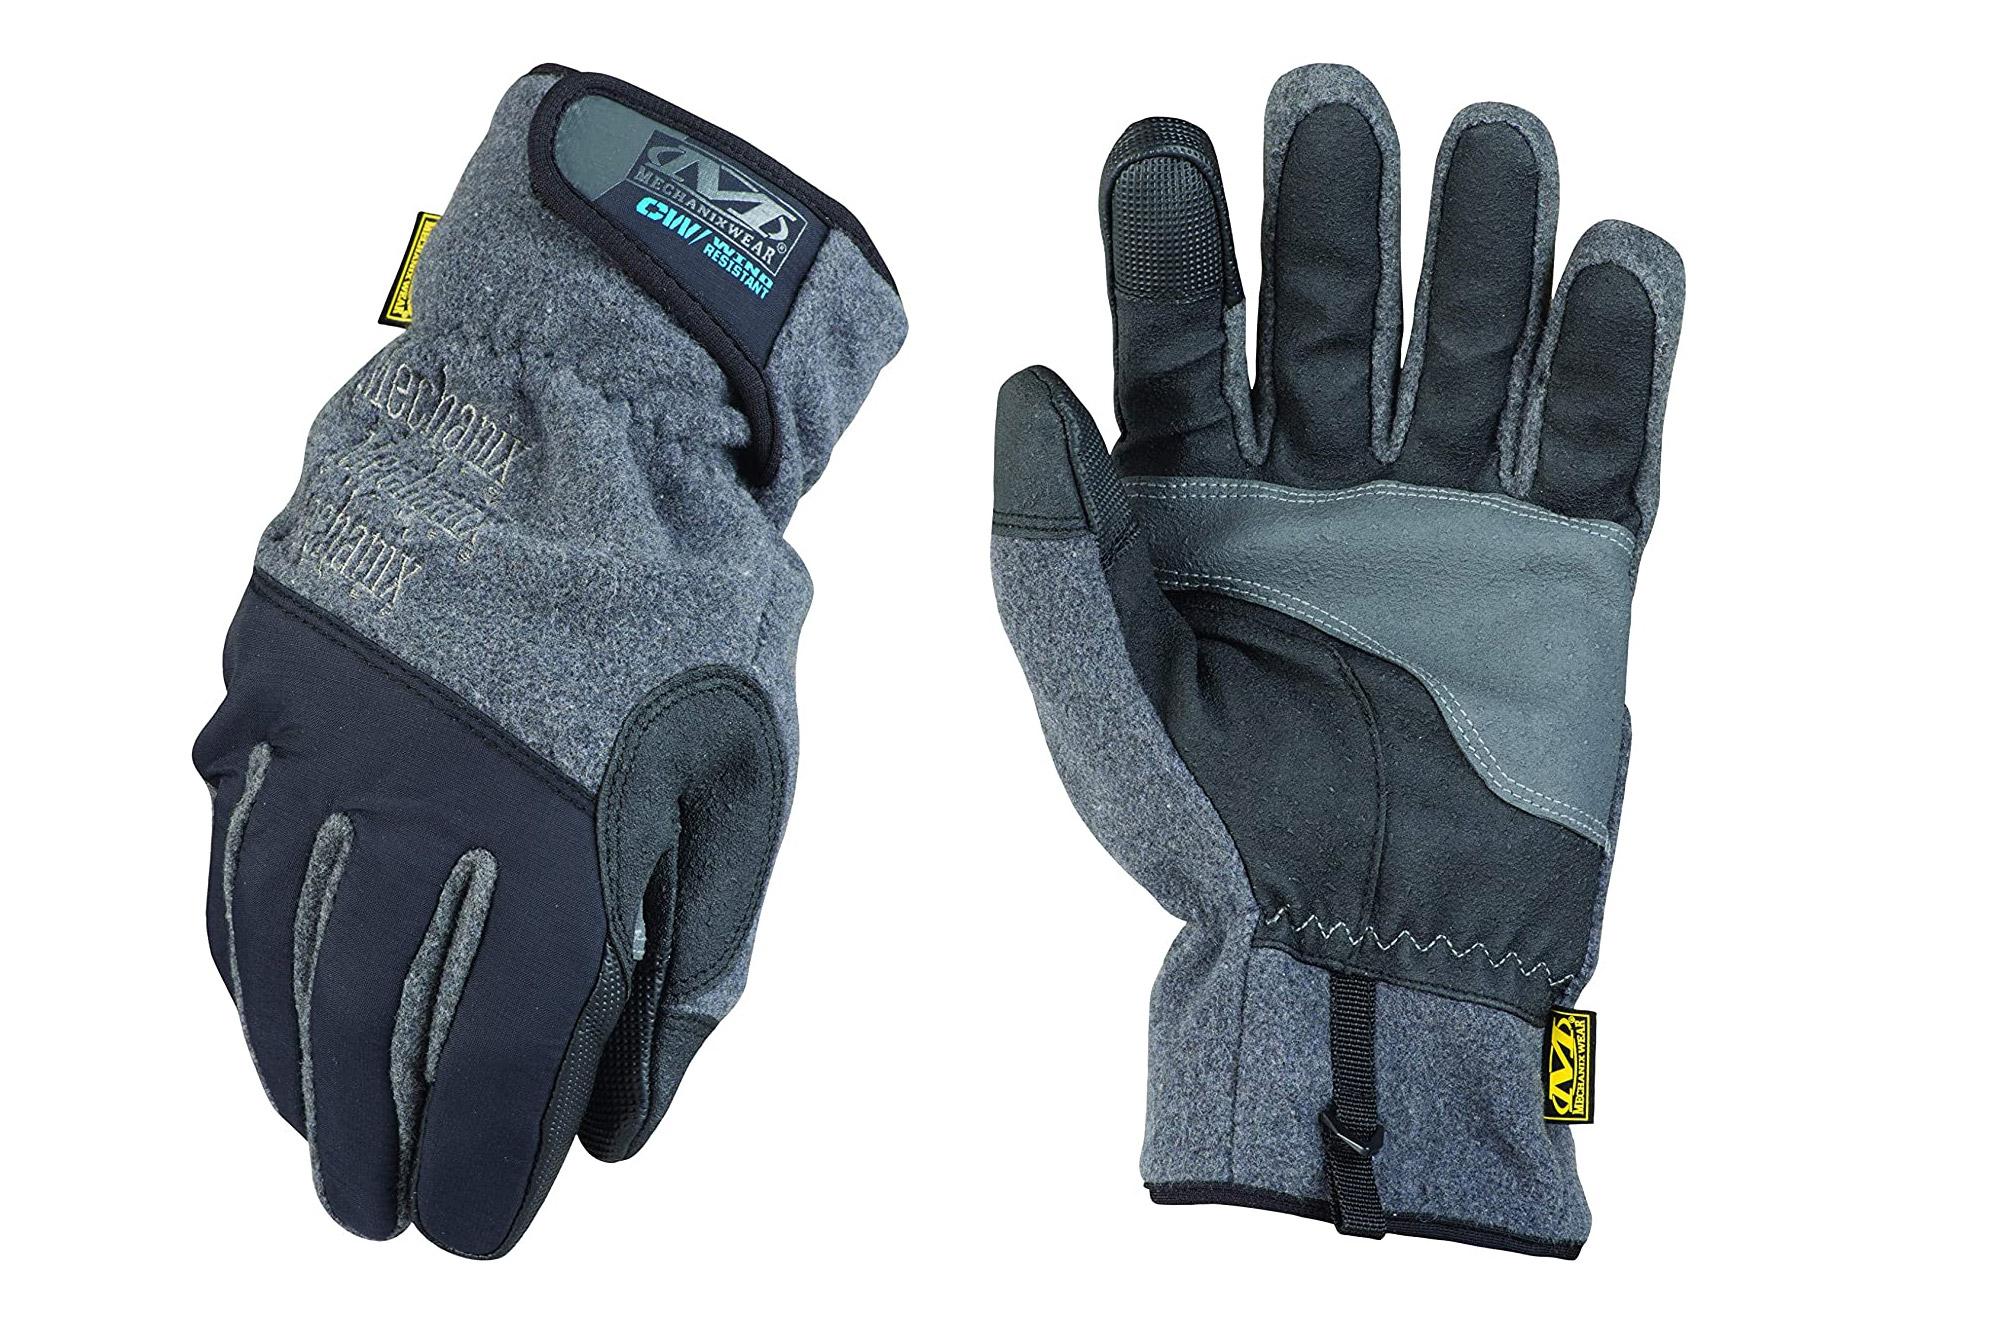 mechanix winter work gloves